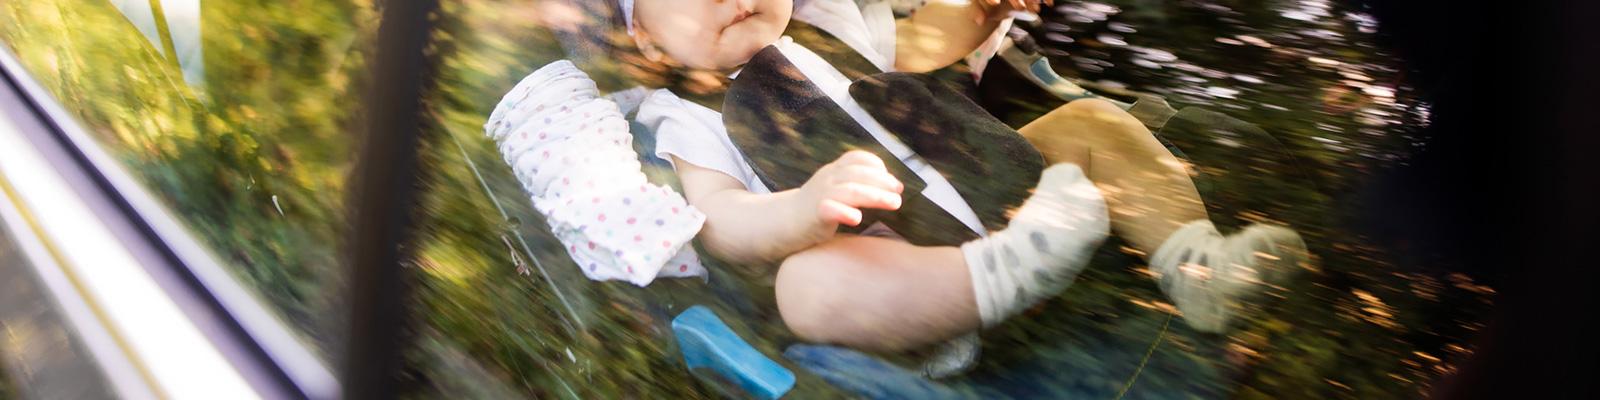 車内 赤ちゃん イメージ